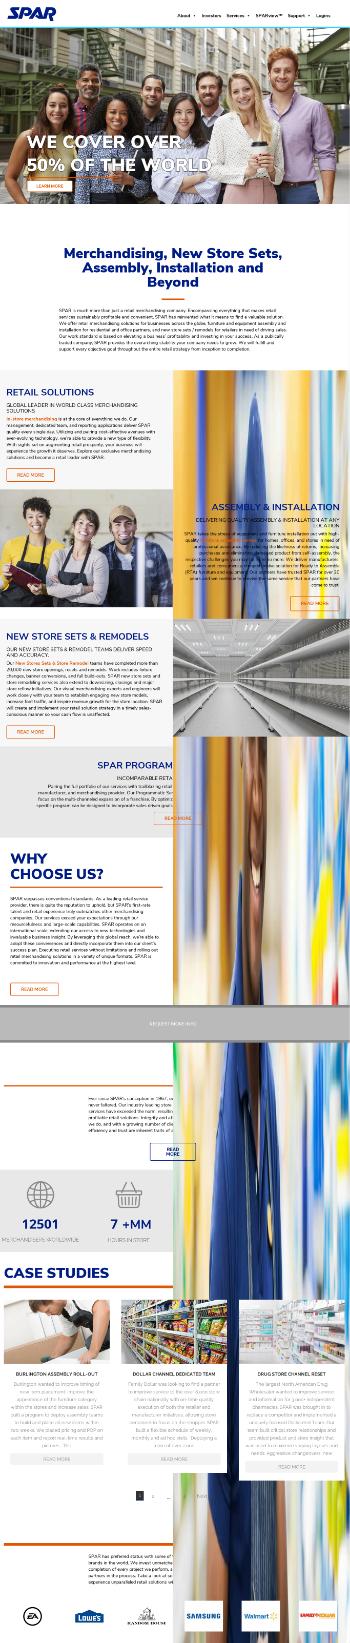 SPAR Group, Inc. Website Screenshot